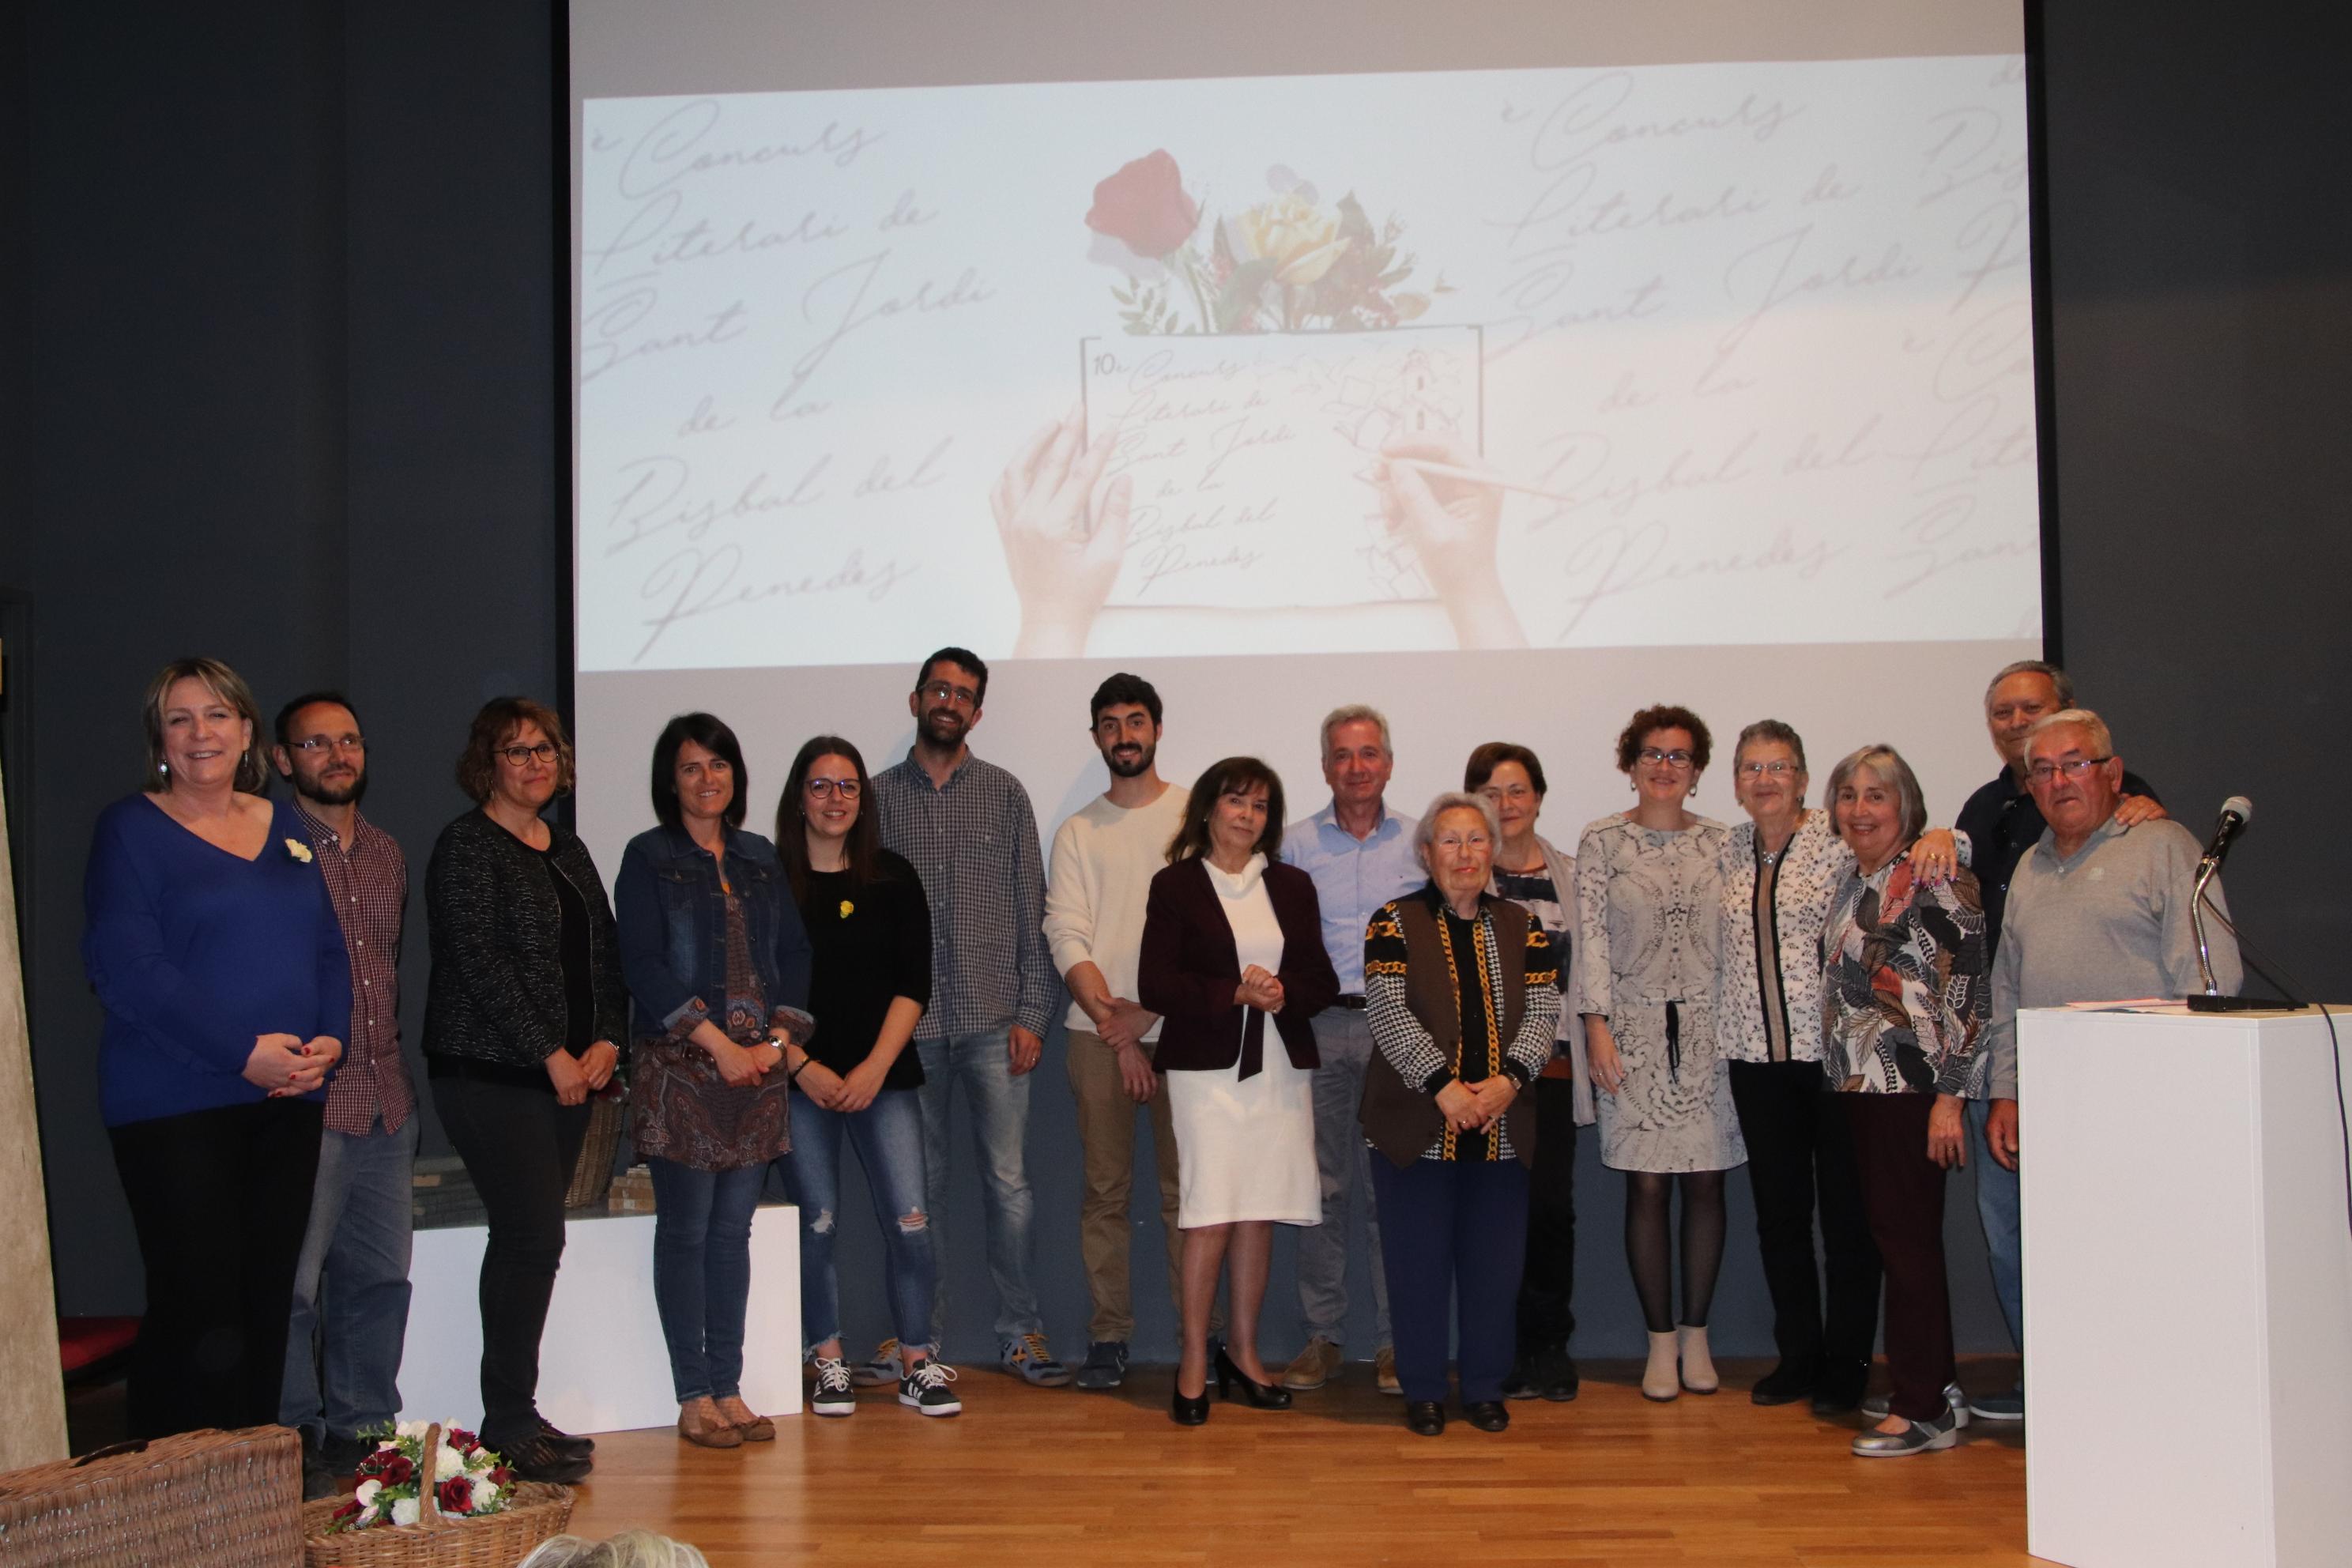 Oriol Solà Guanya el primer premi del Concurs Literari i Marc Casellas l'Accéssit Especial ADB